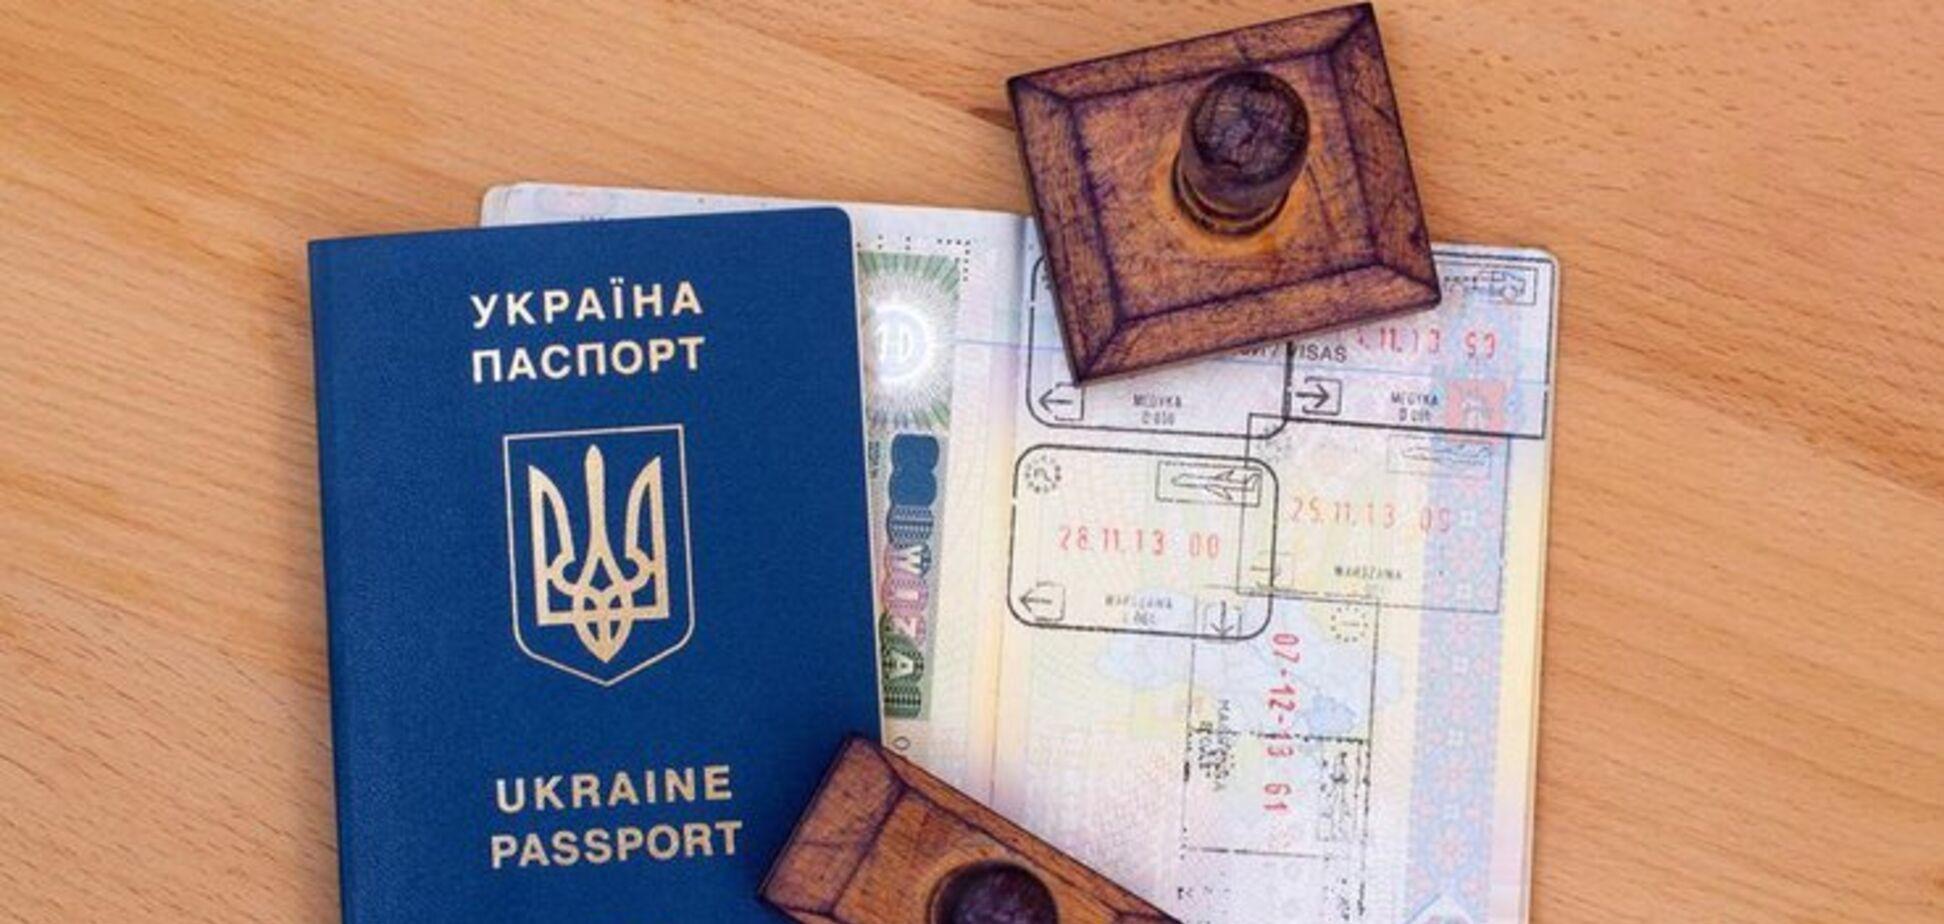 В Україні подорожчало оформлення закордонних паспортів: скільки платитимемо